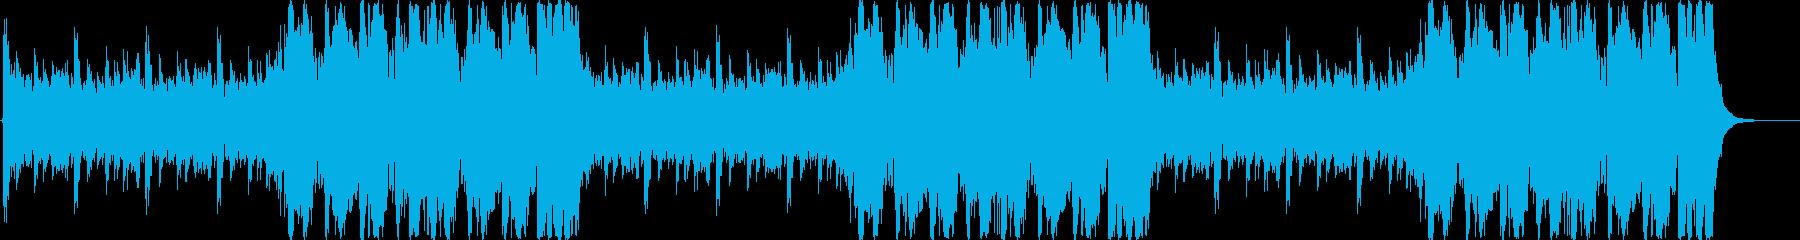 RPG フィールド「火山」30秒ループの再生済みの波形